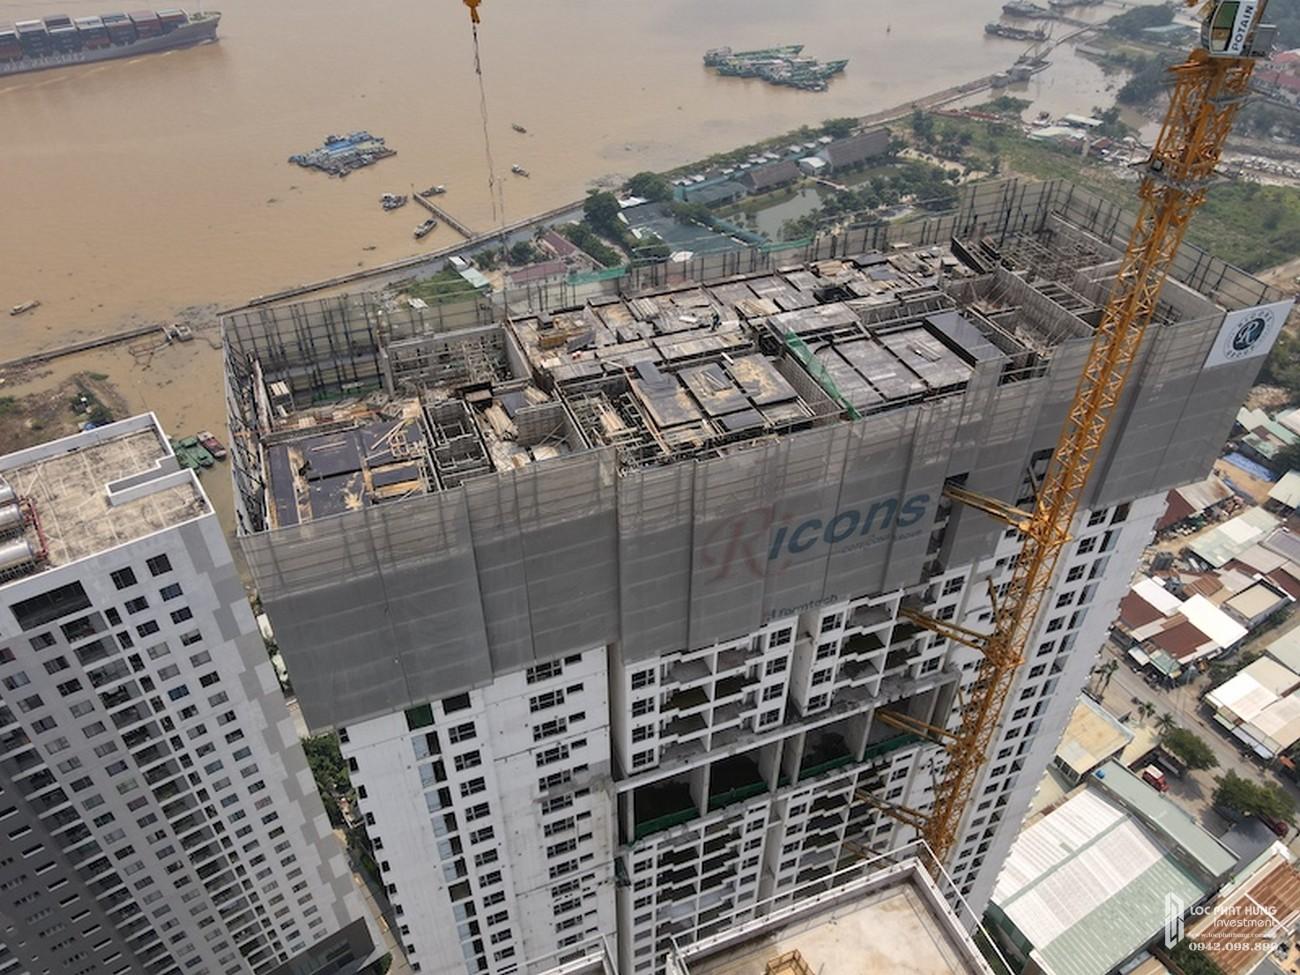 Tiến độ dự án căn hộ chung cư Sky 89 Quận 7 Đường Hoàng Quốc Việt chủ đầu tư An Gia Investment tháng 11